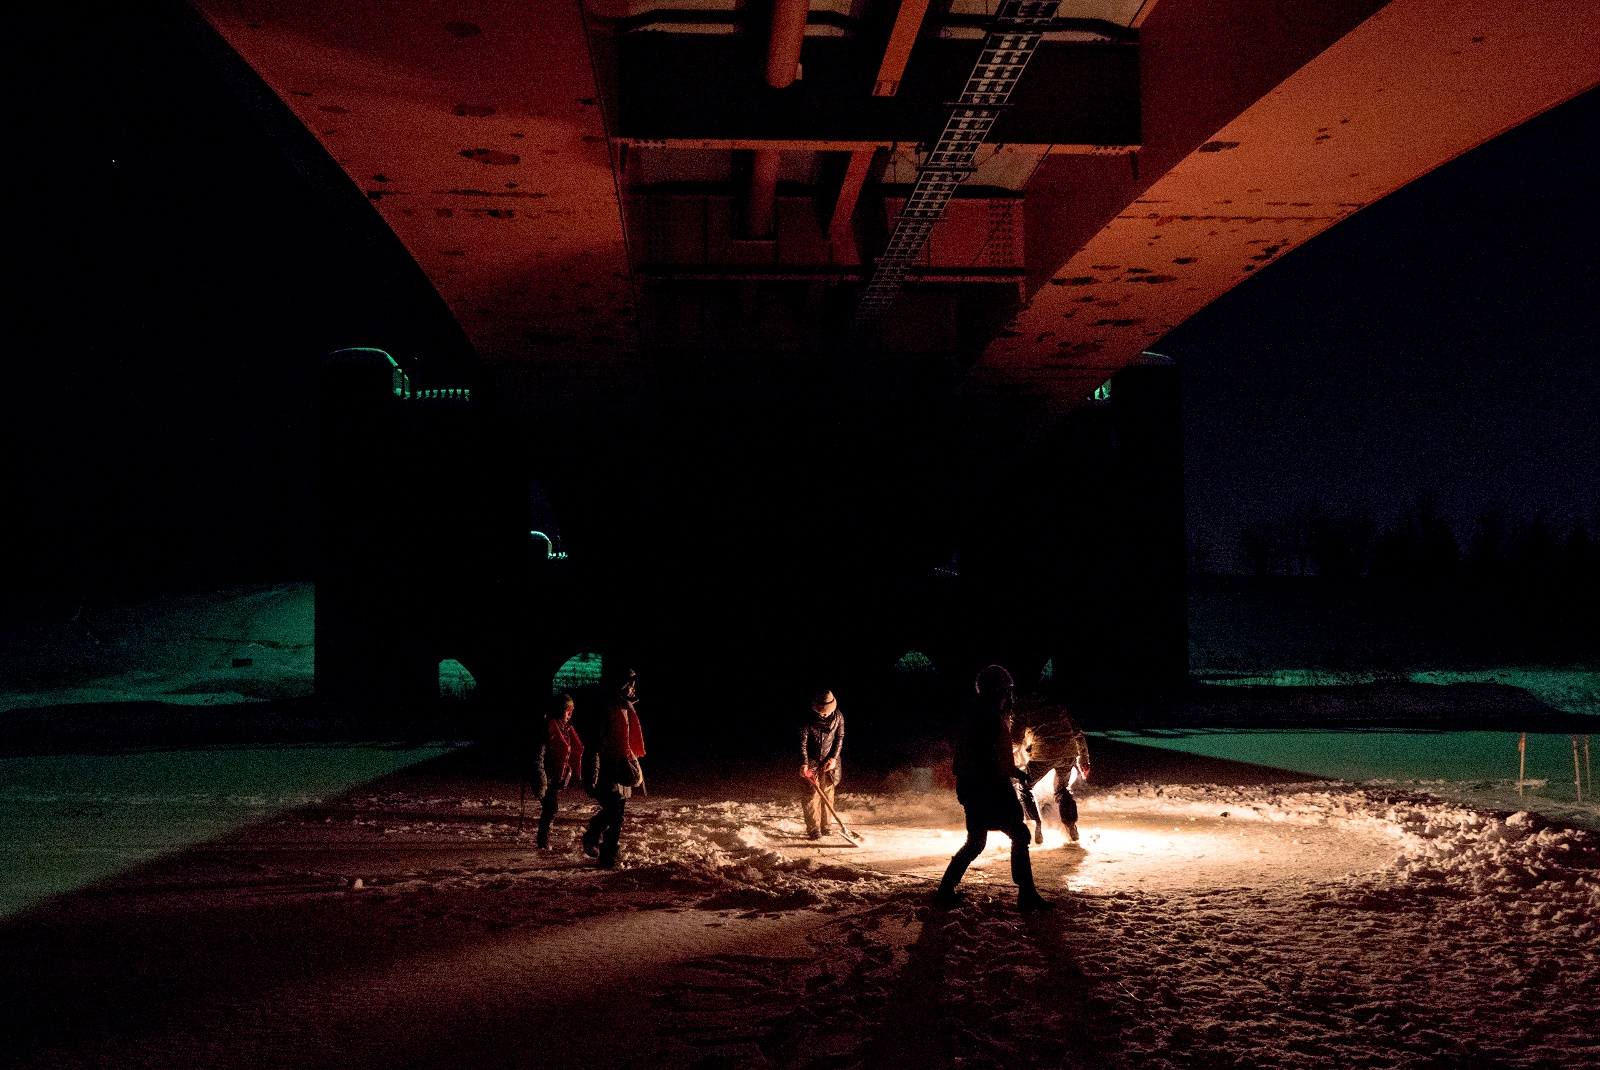 雪倉庫や凍ったモエレ沼がアートの舞台に!? 創作活動の過程を公開!